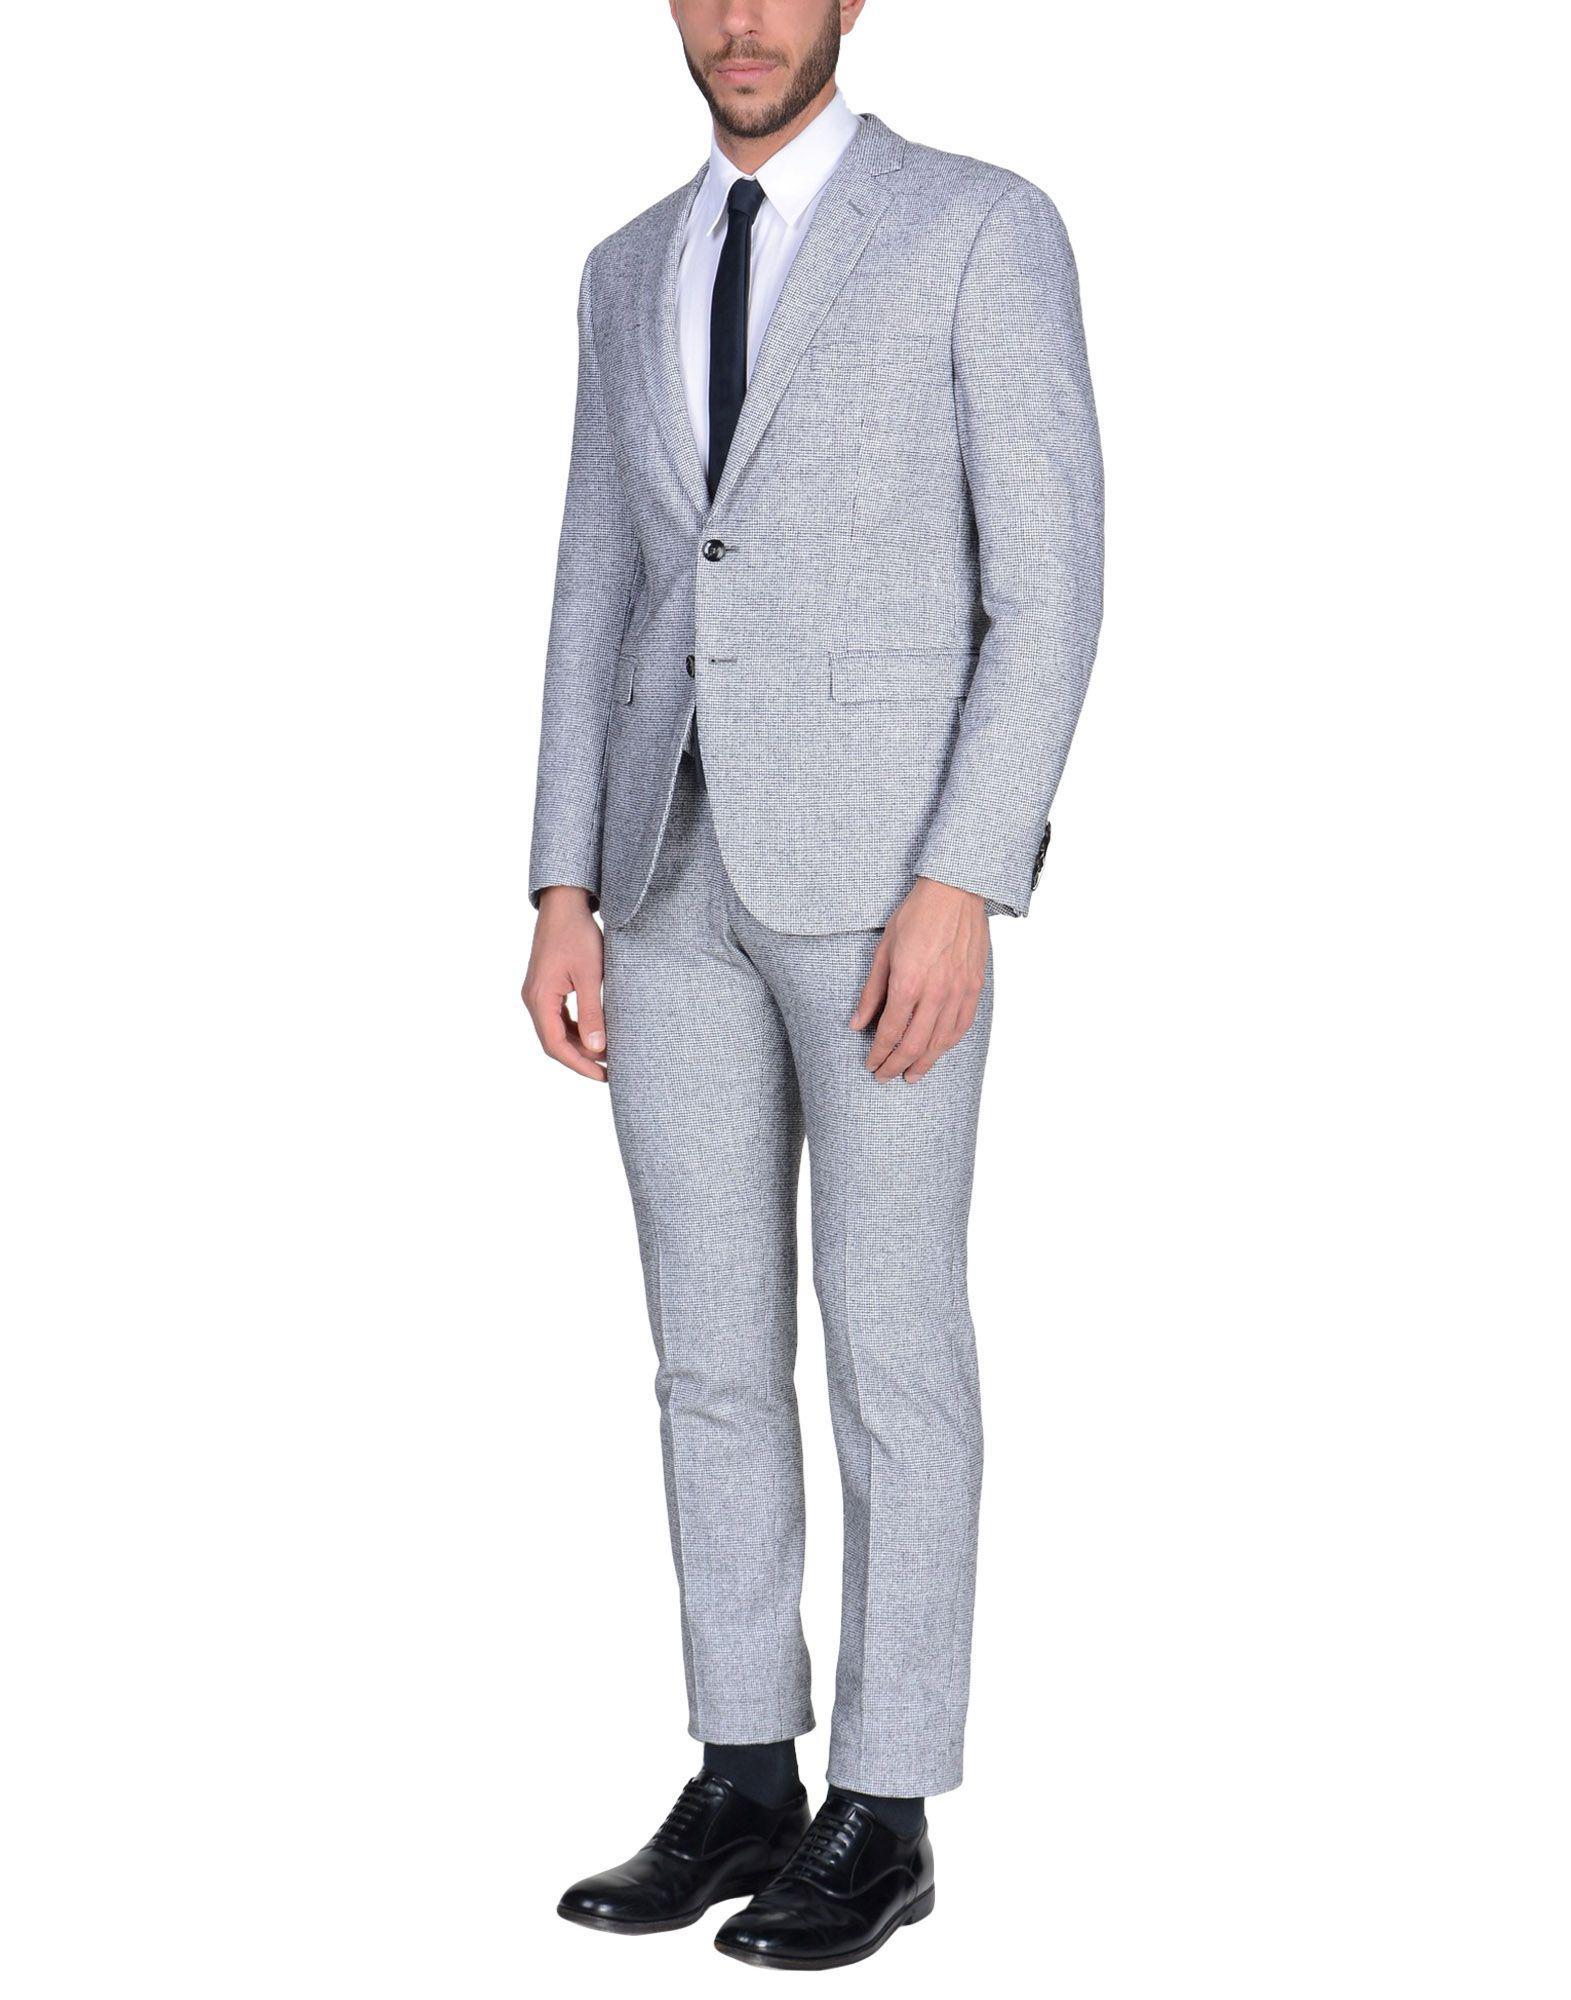 Lyst - Costume Tonello pour homme en coloris Gris 486c7a94a26b